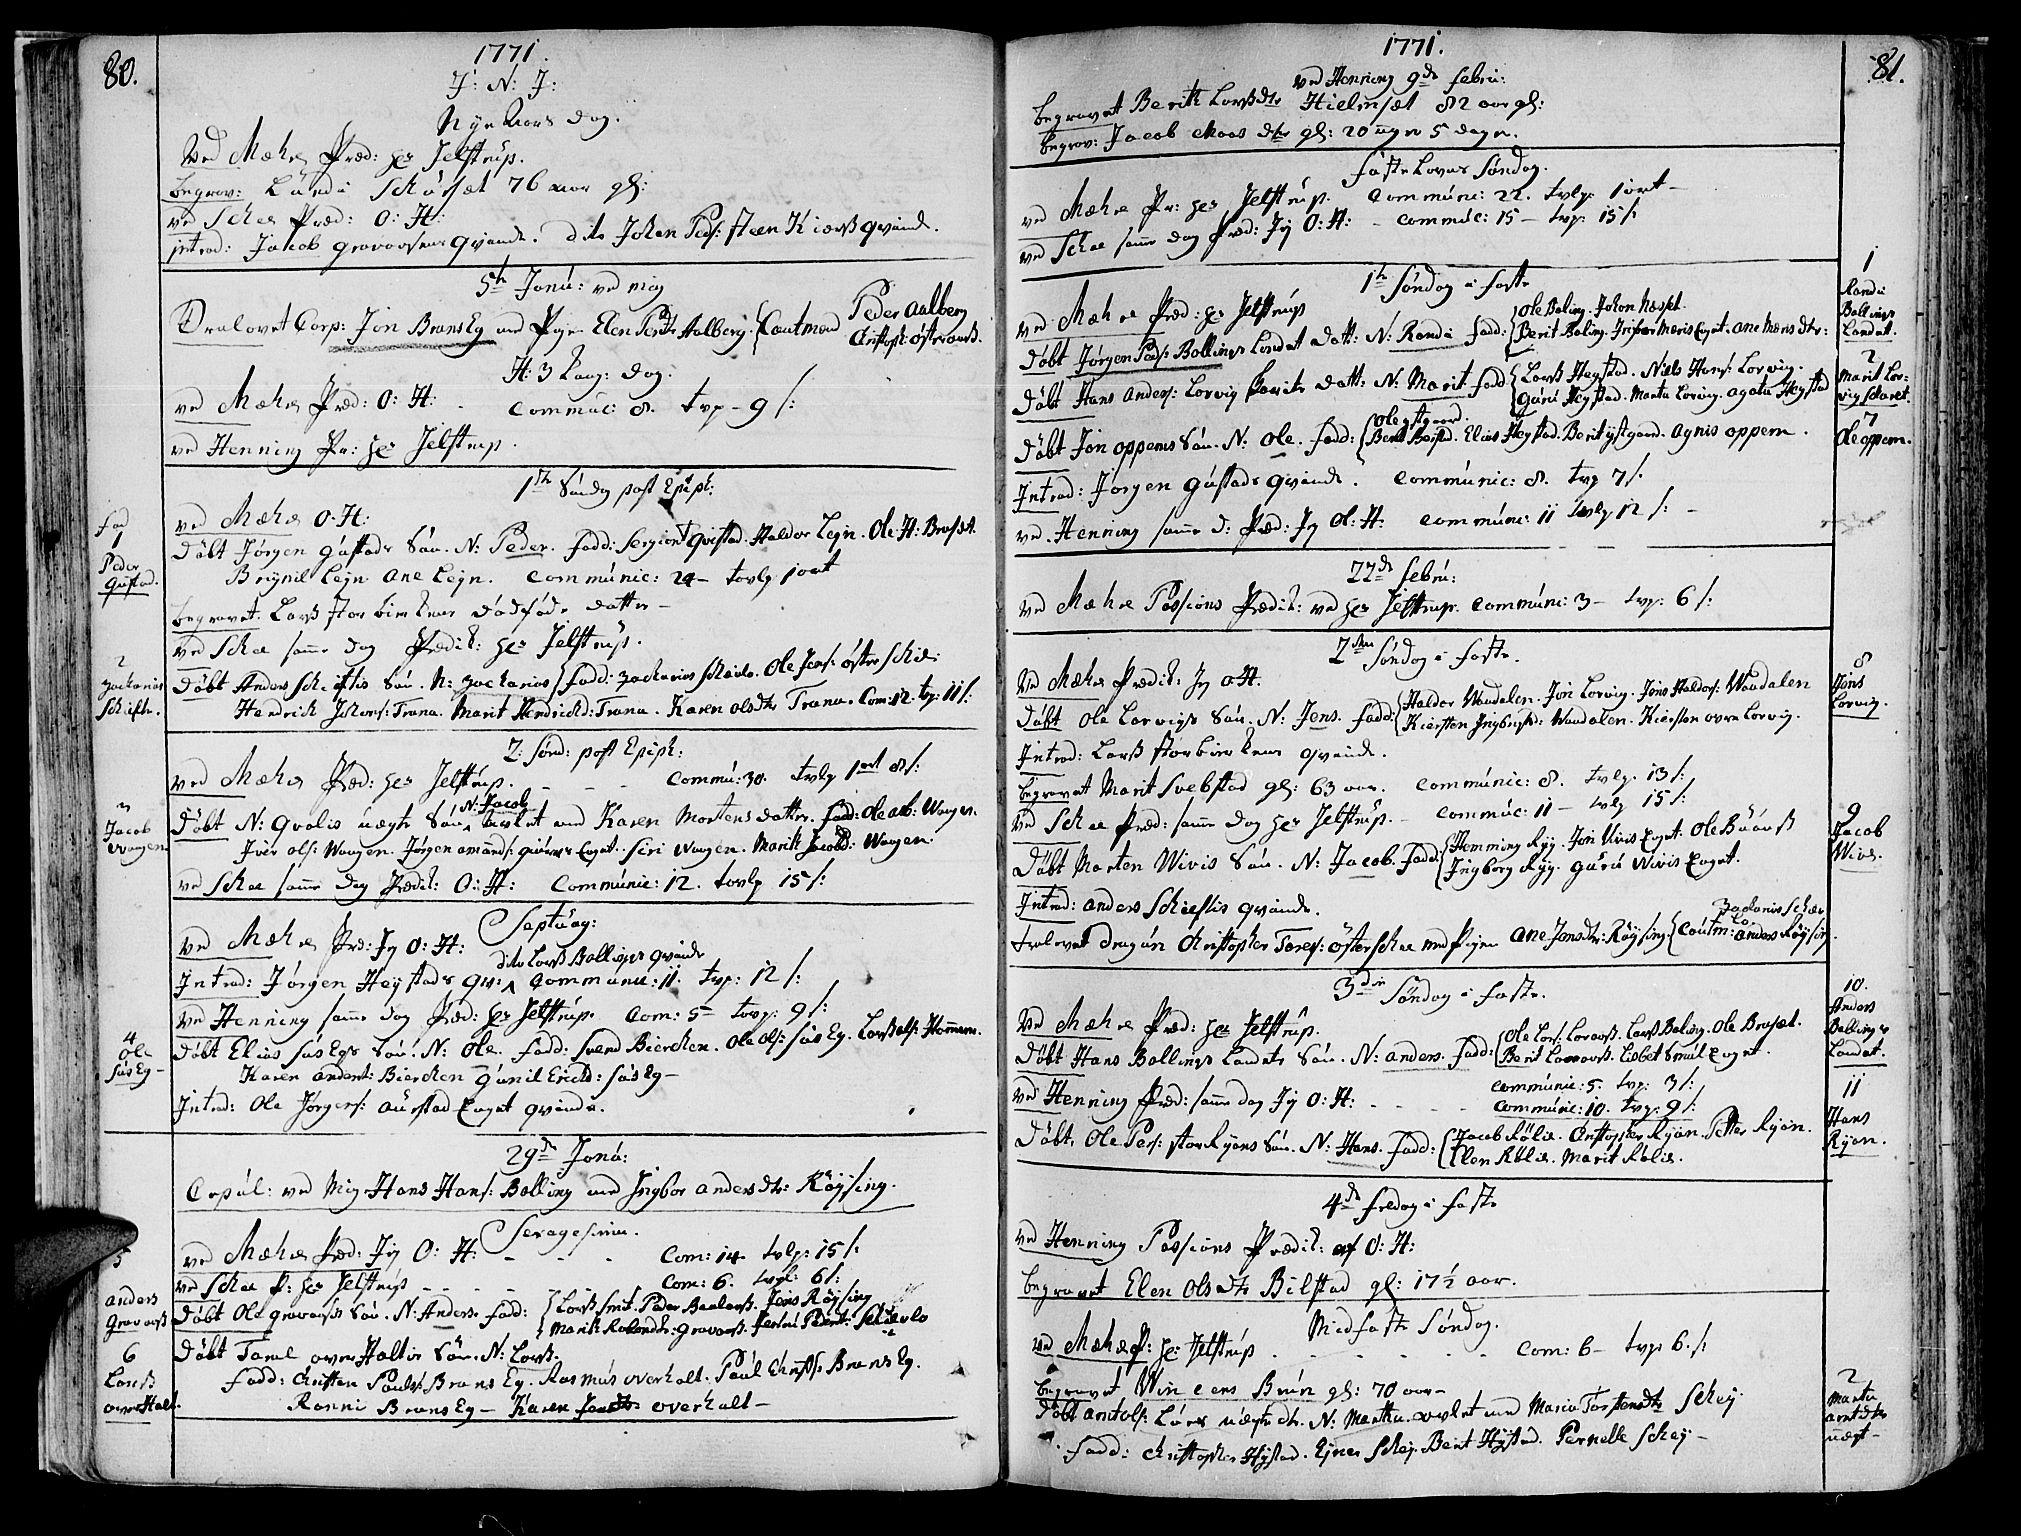 SAT, Ministerialprotokoller, klokkerbøker og fødselsregistre - Nord-Trøndelag, 735/L0331: Ministerialbok nr. 735A02, 1762-1794, s. 80-81